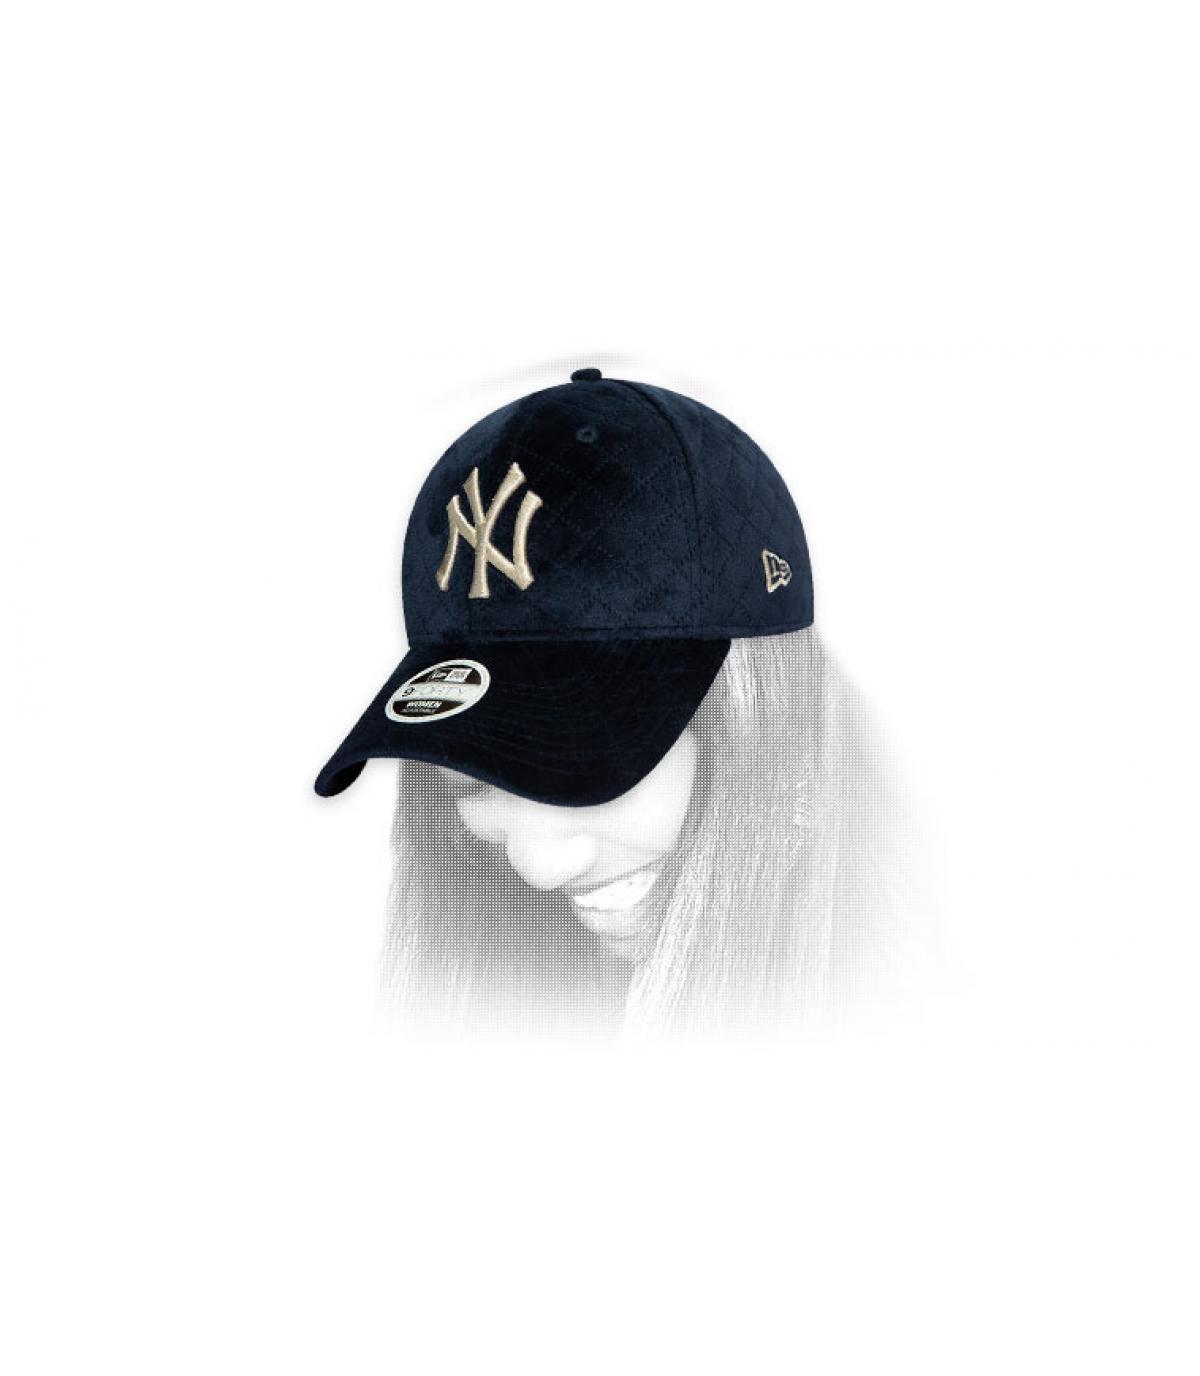 cappello donna NY blu